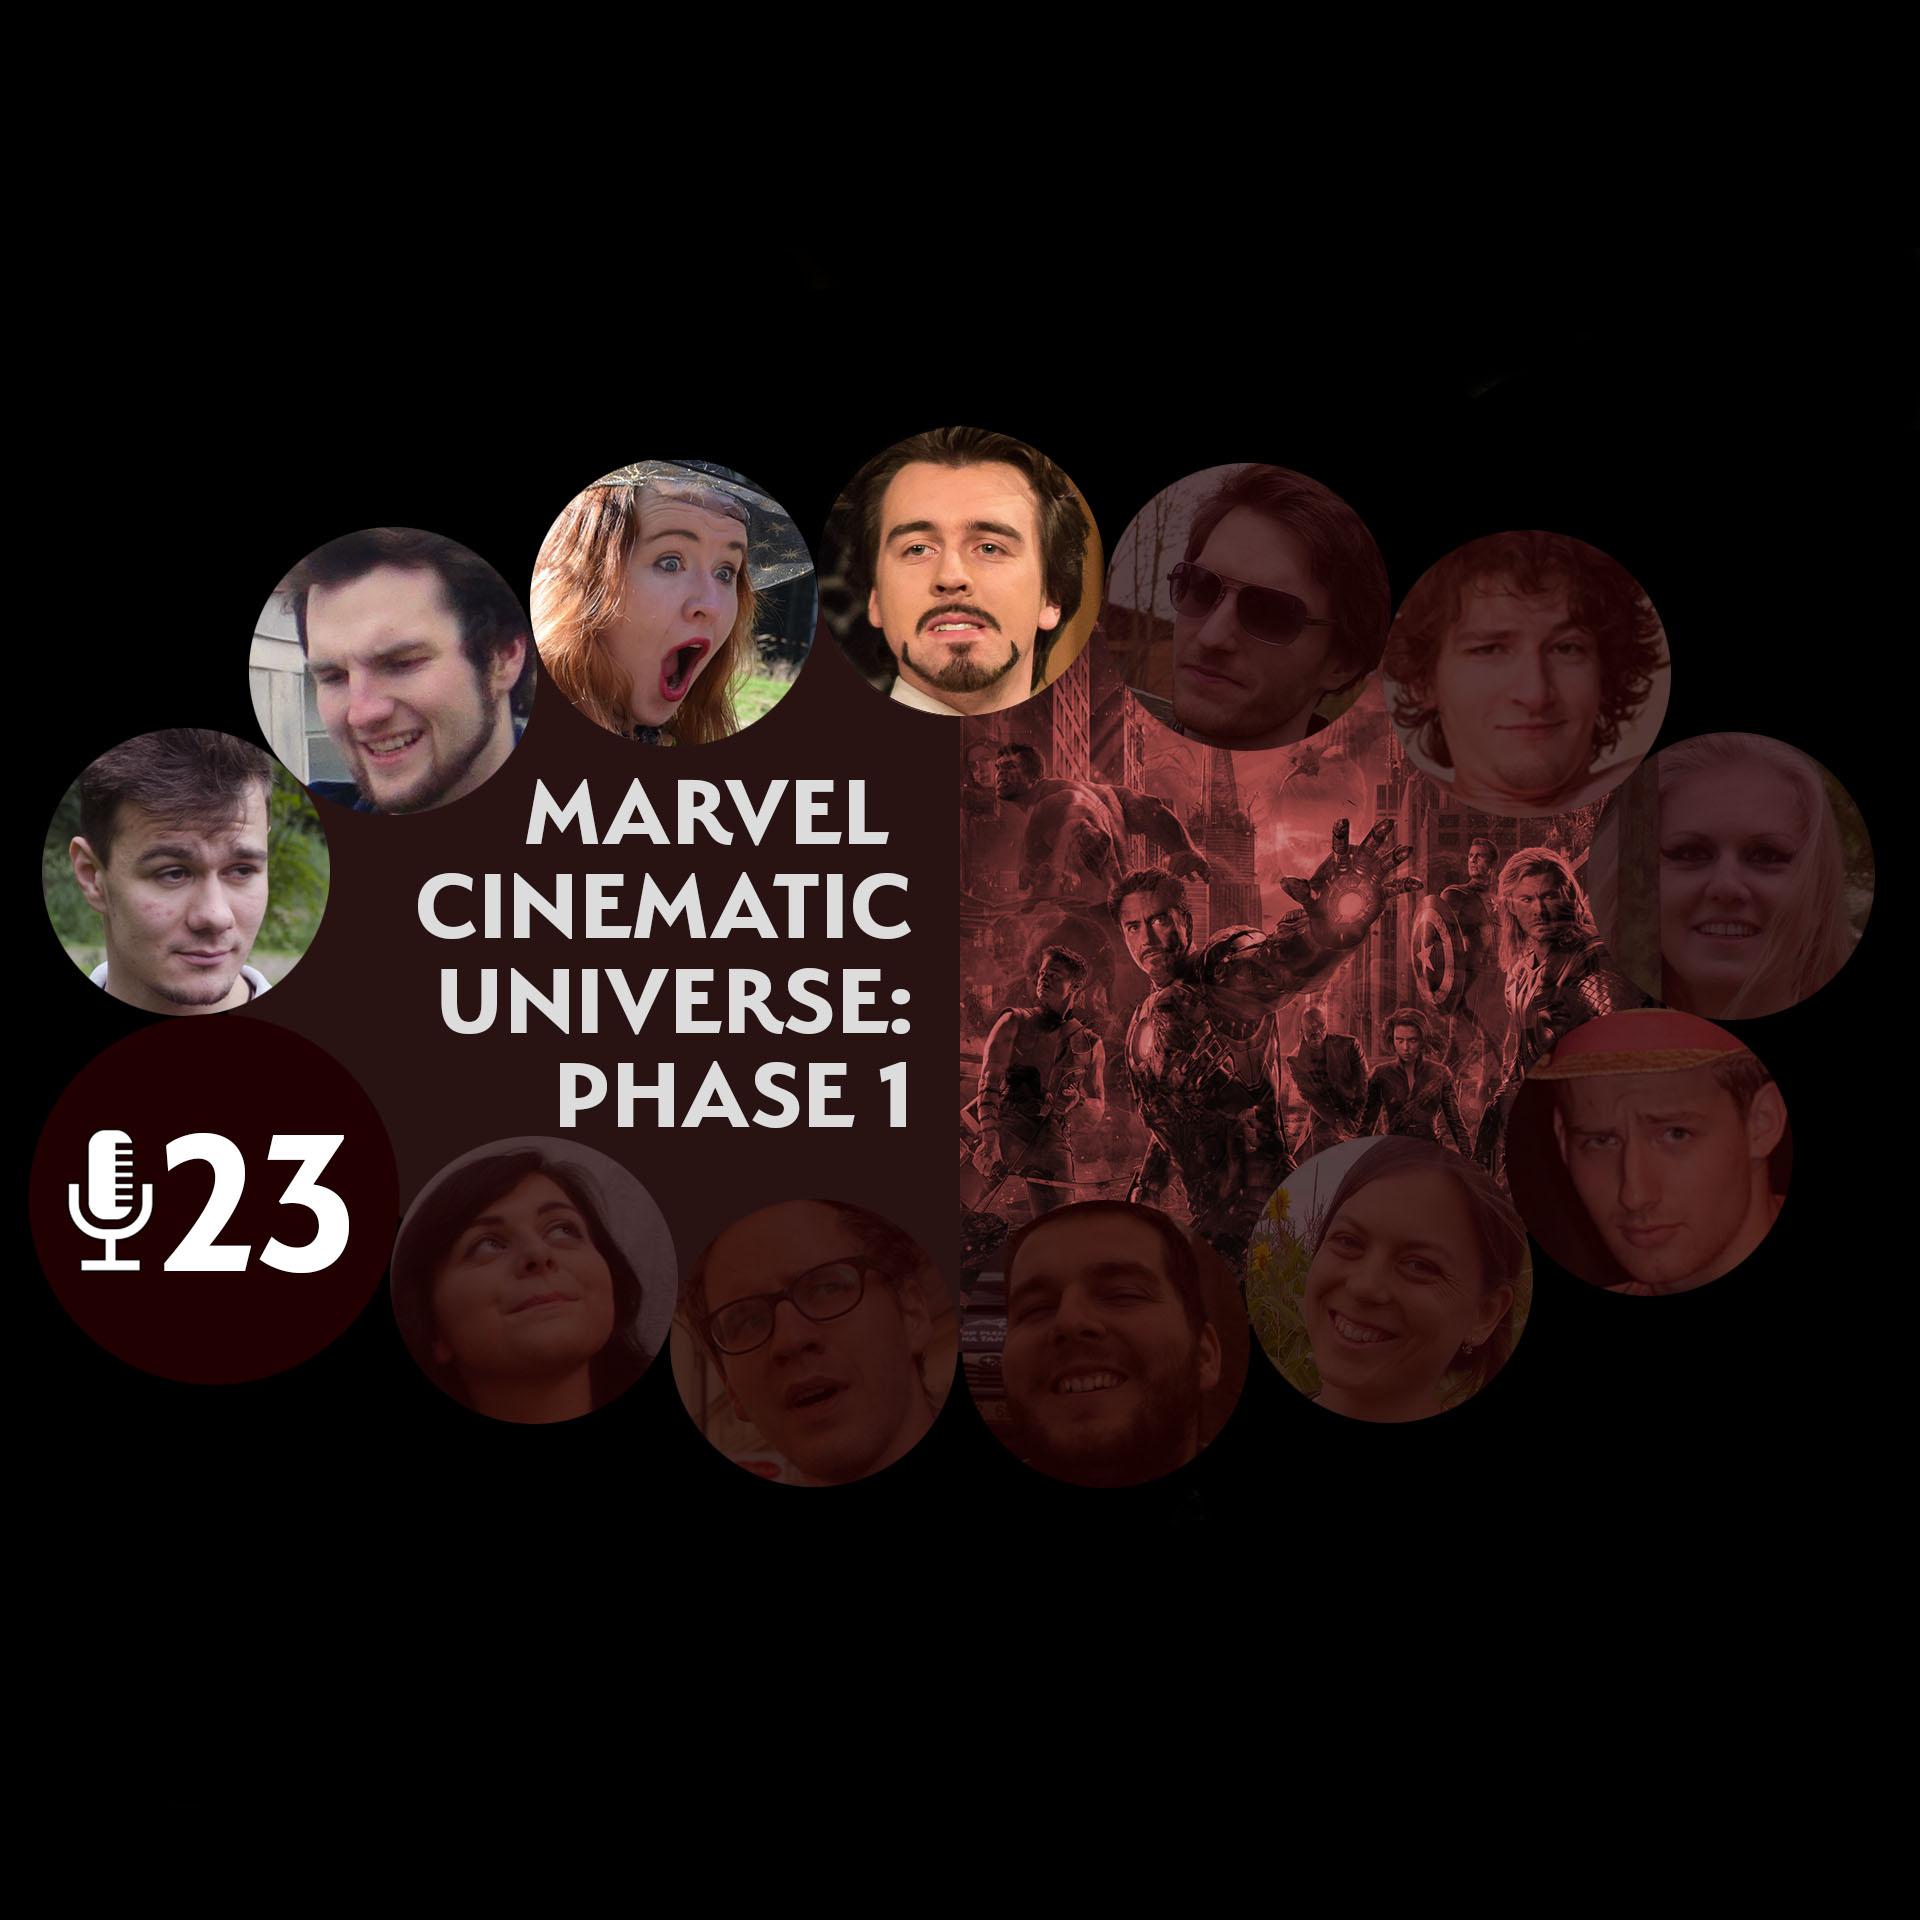 Epizoda 23 - Marvel Cinematic Universe: Phase 1